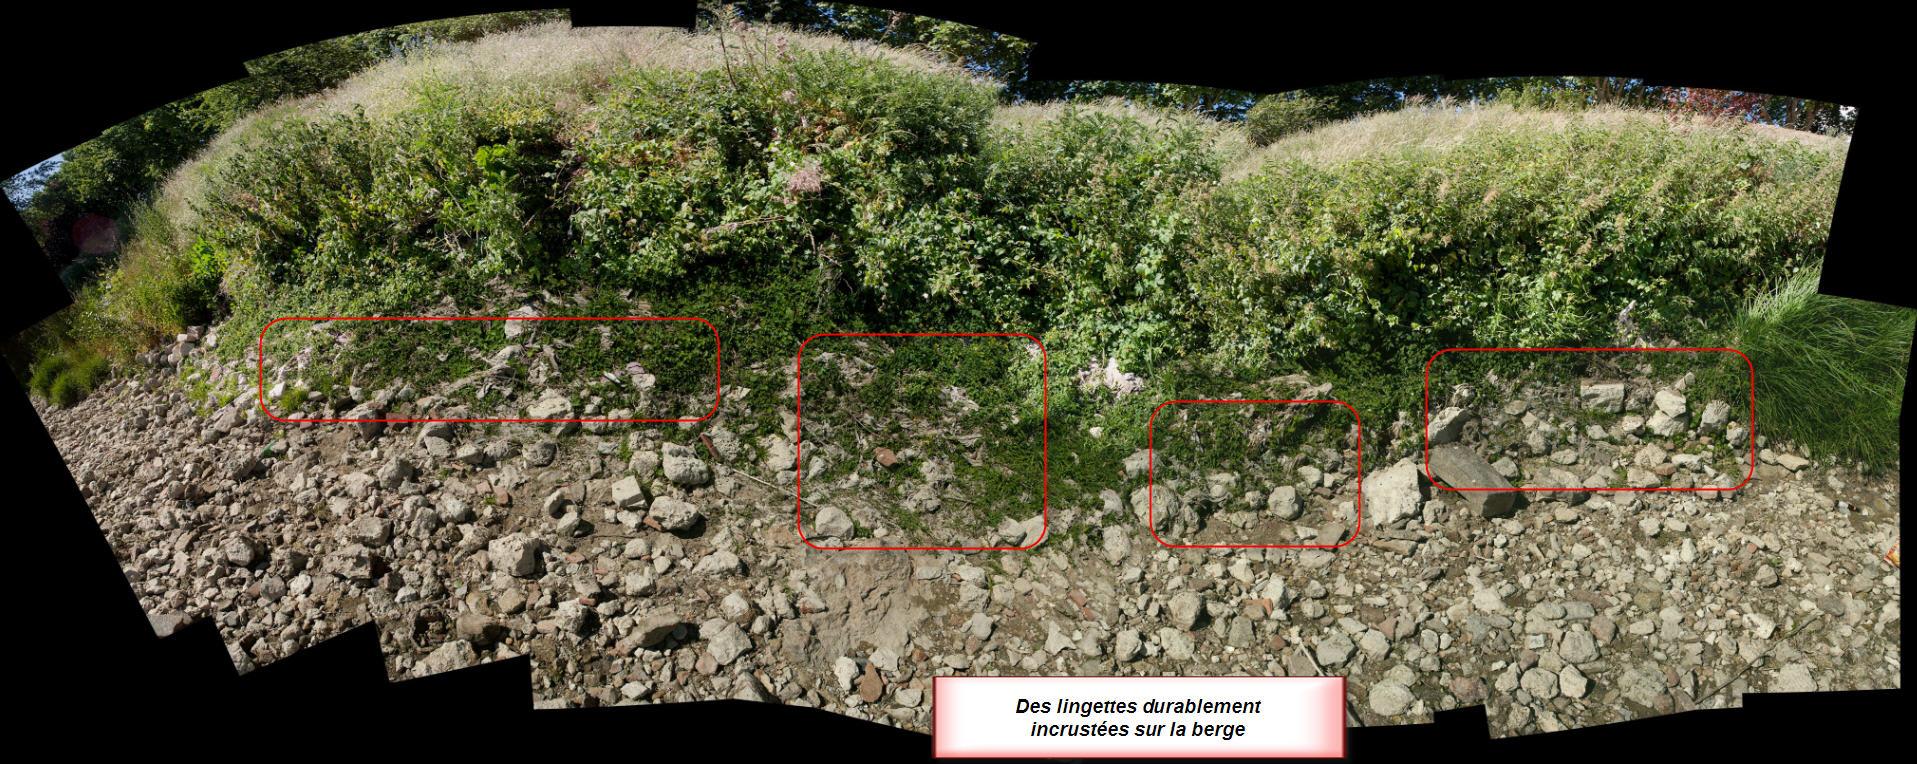 Etendue de lingettes durablement incluses dans la végétation et les sédiments (cliquez pour zoomer)